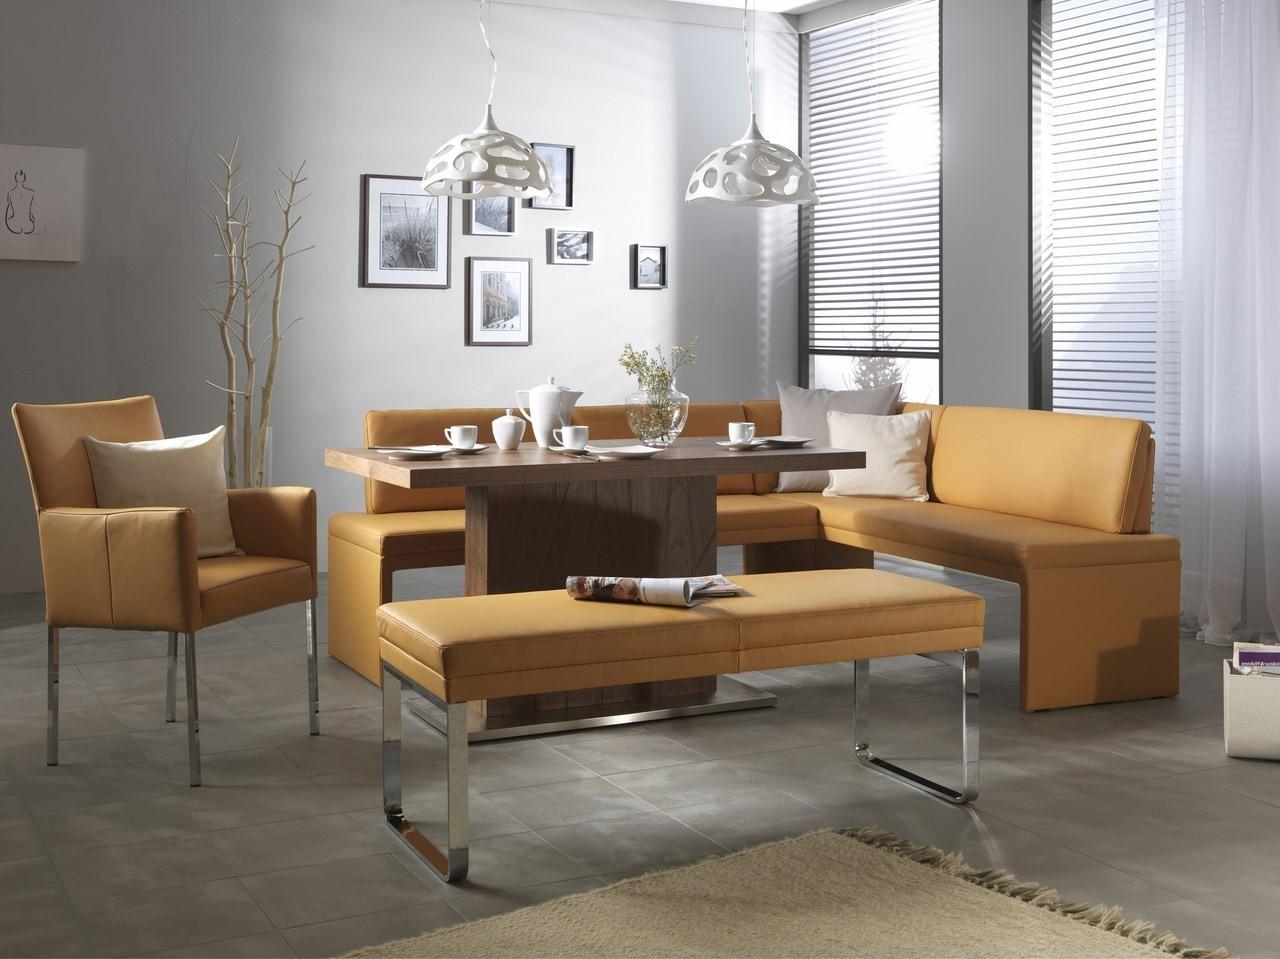 Ensemble Coin Repas Table Banc Banquette D Angle.Banquette D Angle Design Minimaliste Dexter 227 X 266 Cm